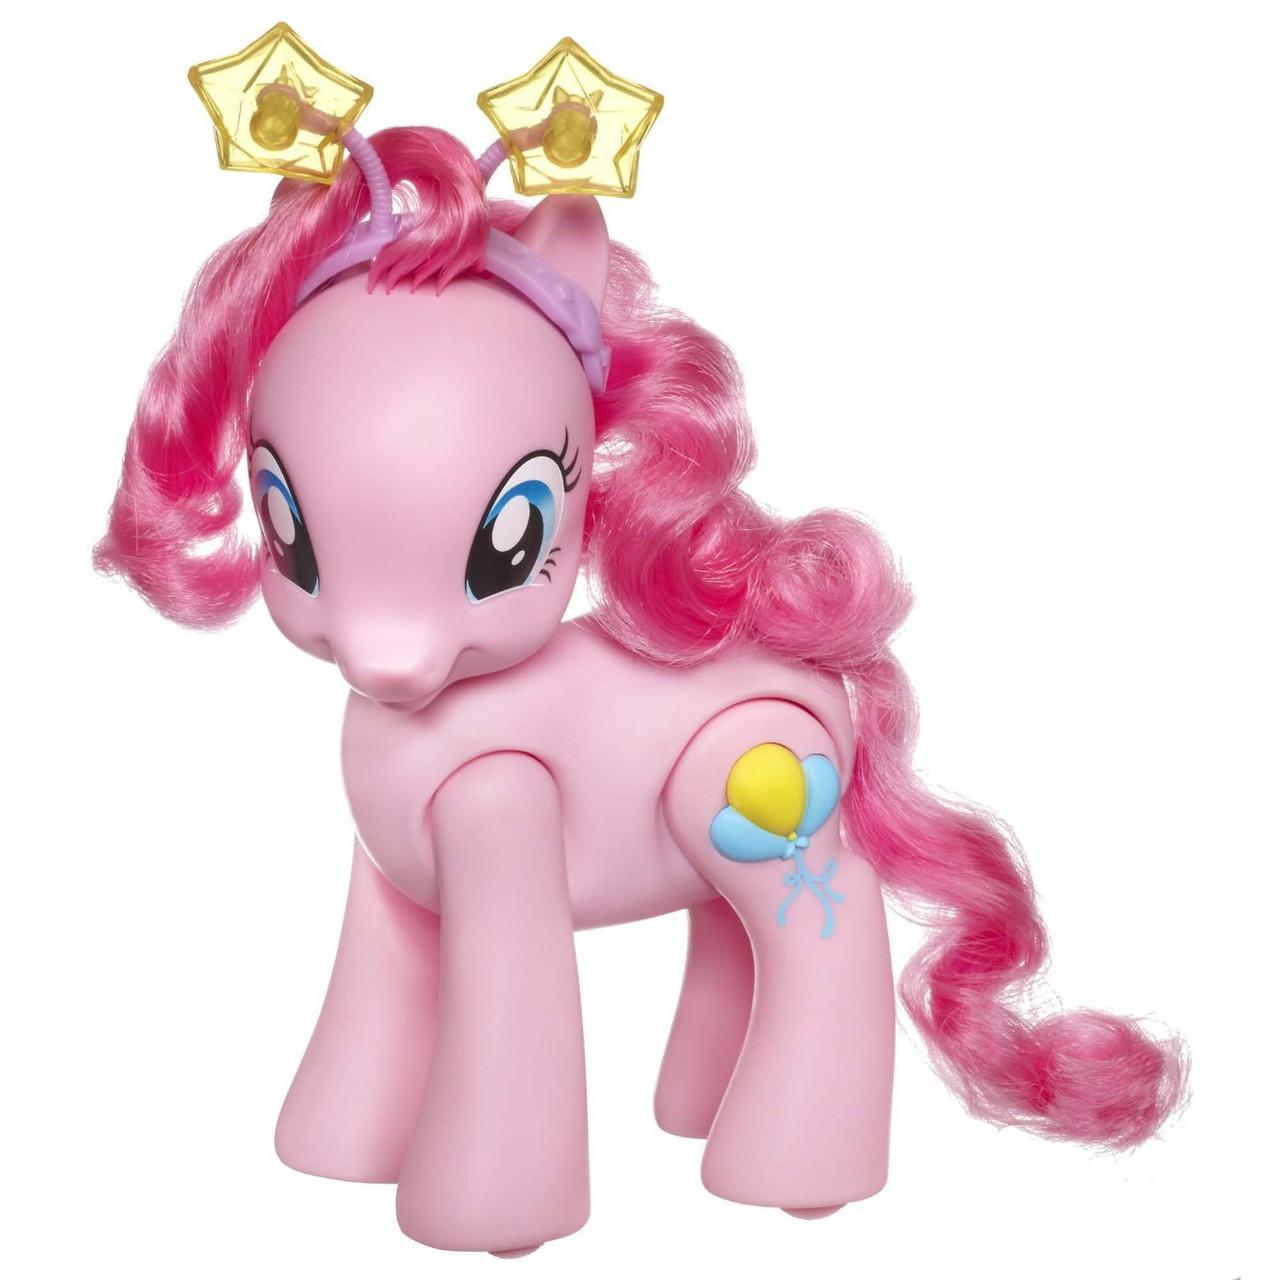 Игрушка Walking Talking Pinkie Pie Figure My Little Pony (Май Литл Пони)